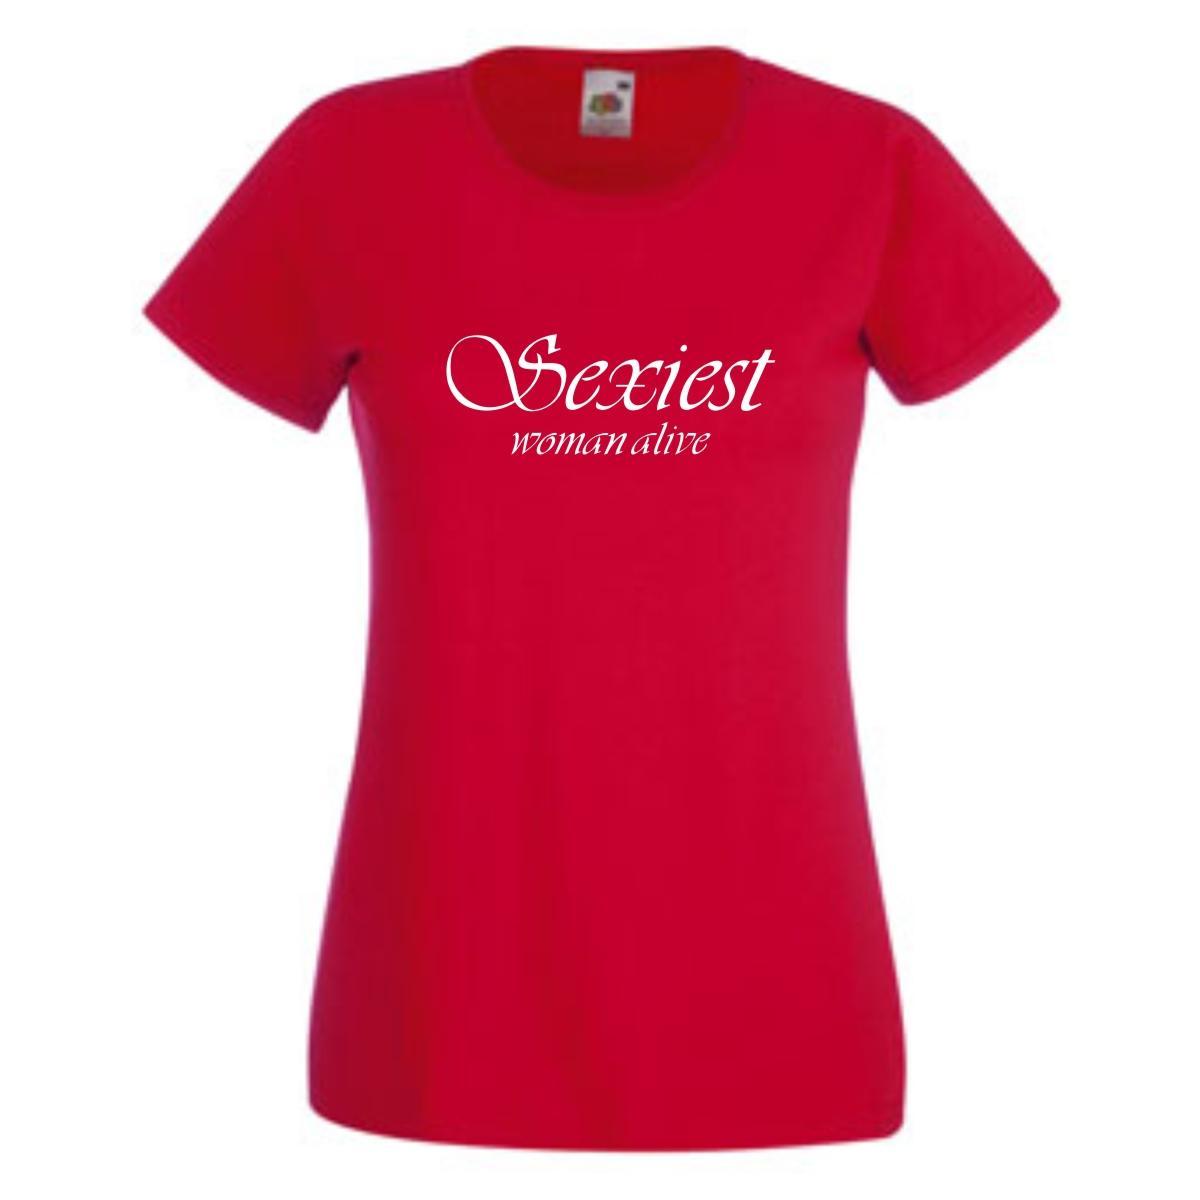 iest woman alive Sprüche T Shirt Damen Funshirt